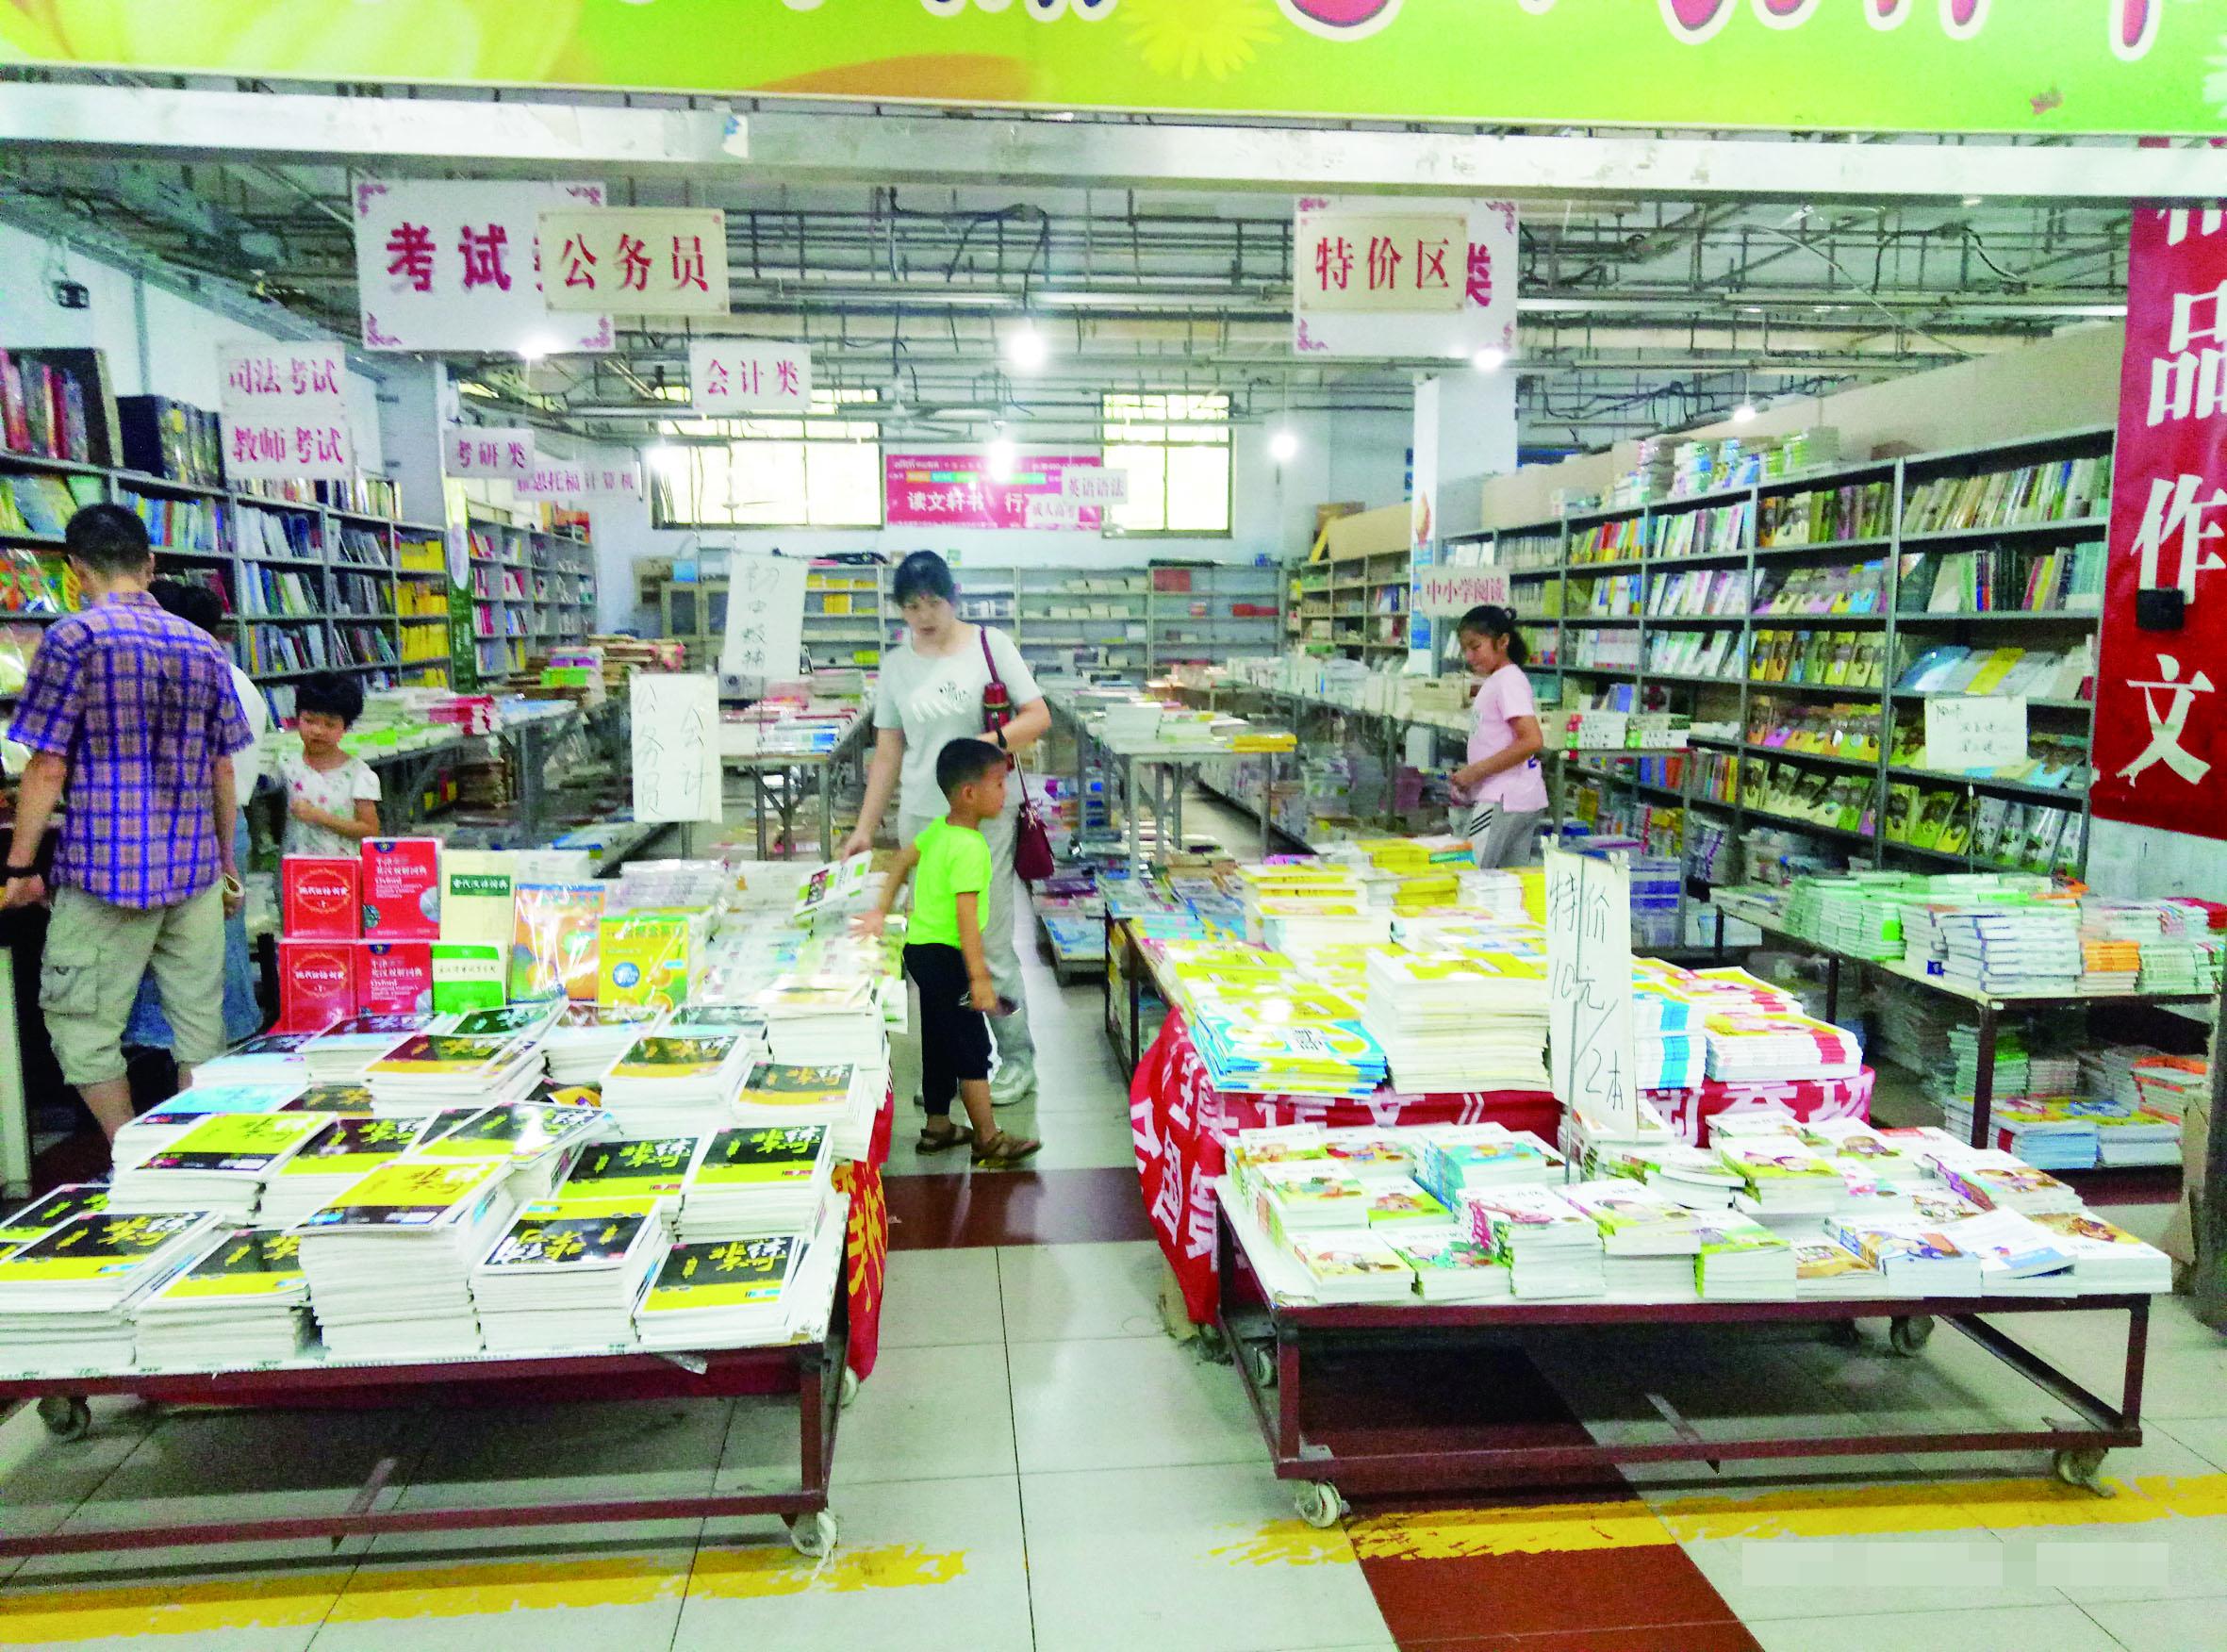 """淄博""""爱客家书市""""要搬迁新址 多数书店挂上优惠打折牌子"""